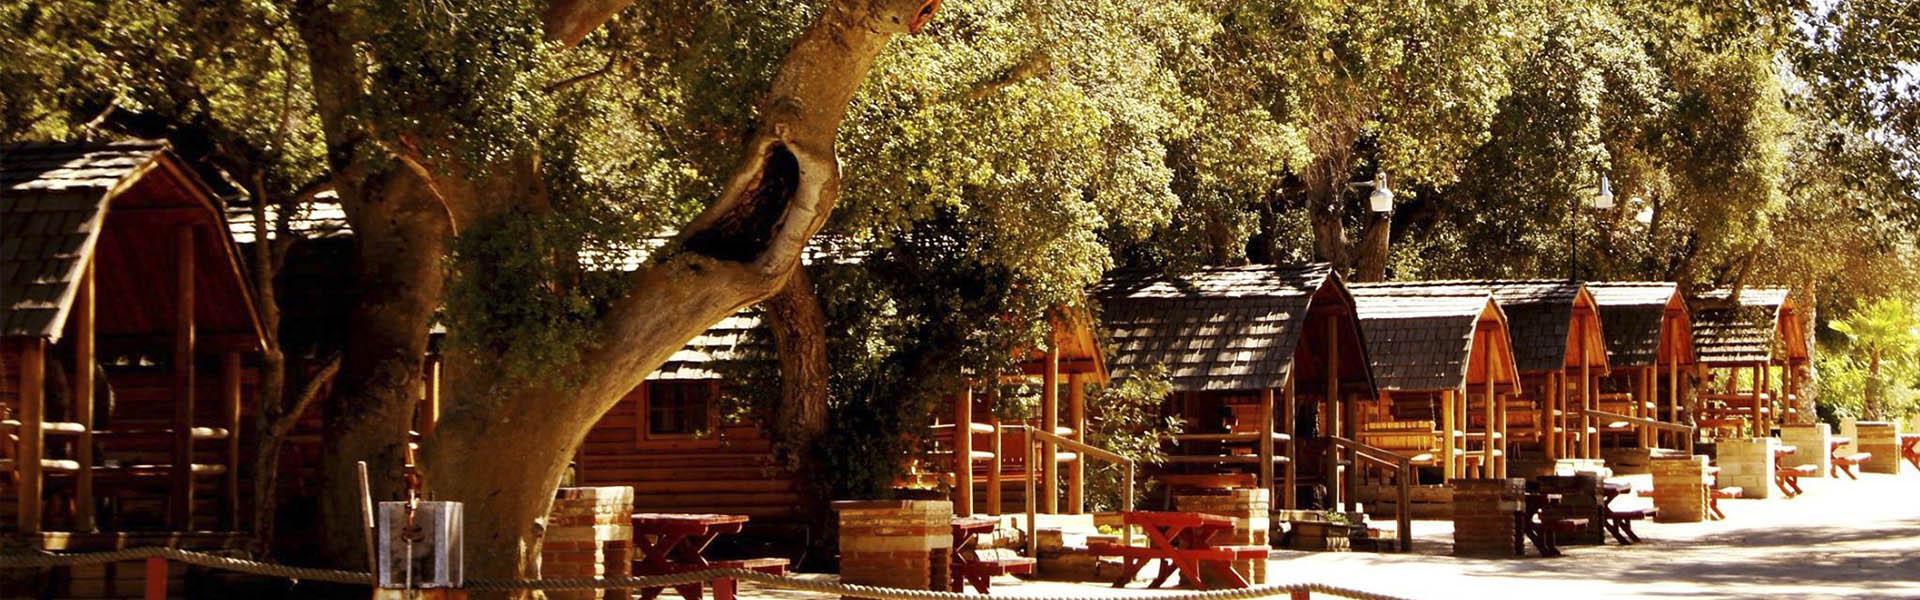 Rancho Ojai